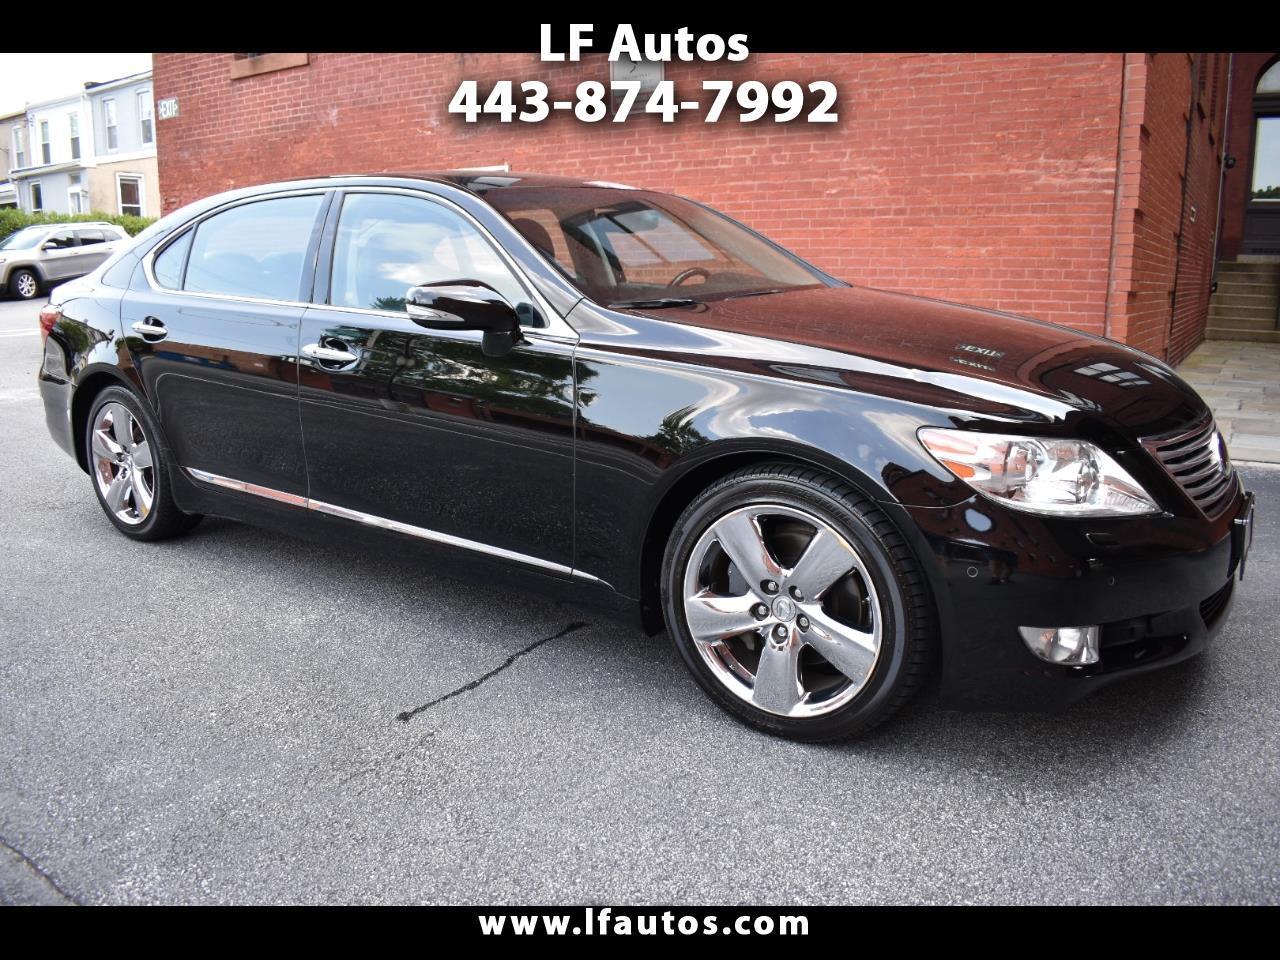 Lexus LS 460 4dr Sdn L RWD 2010